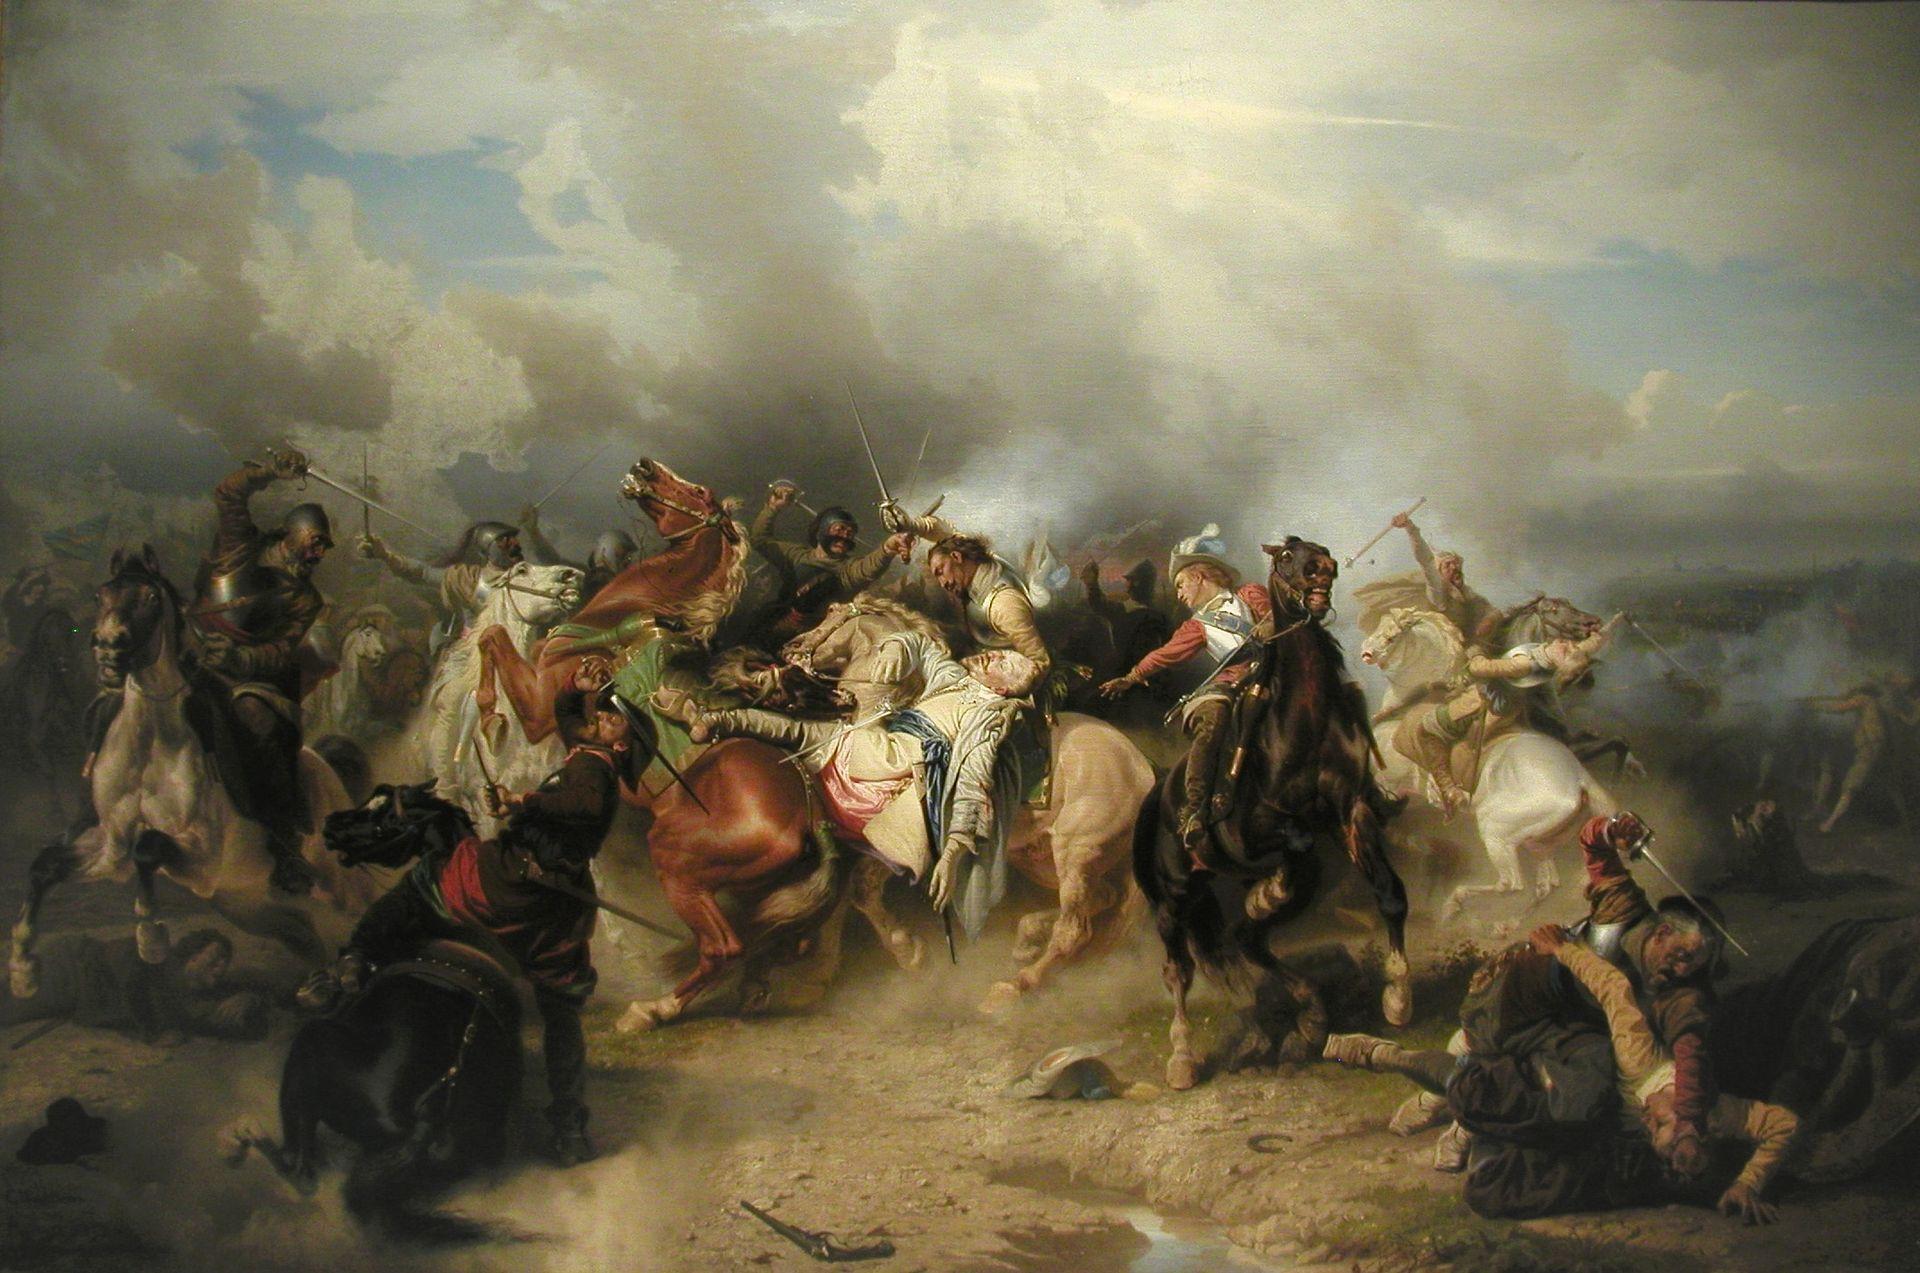 La mort de Gustave Adolphe à la bataille de Lützen par Carl Wahlbom's